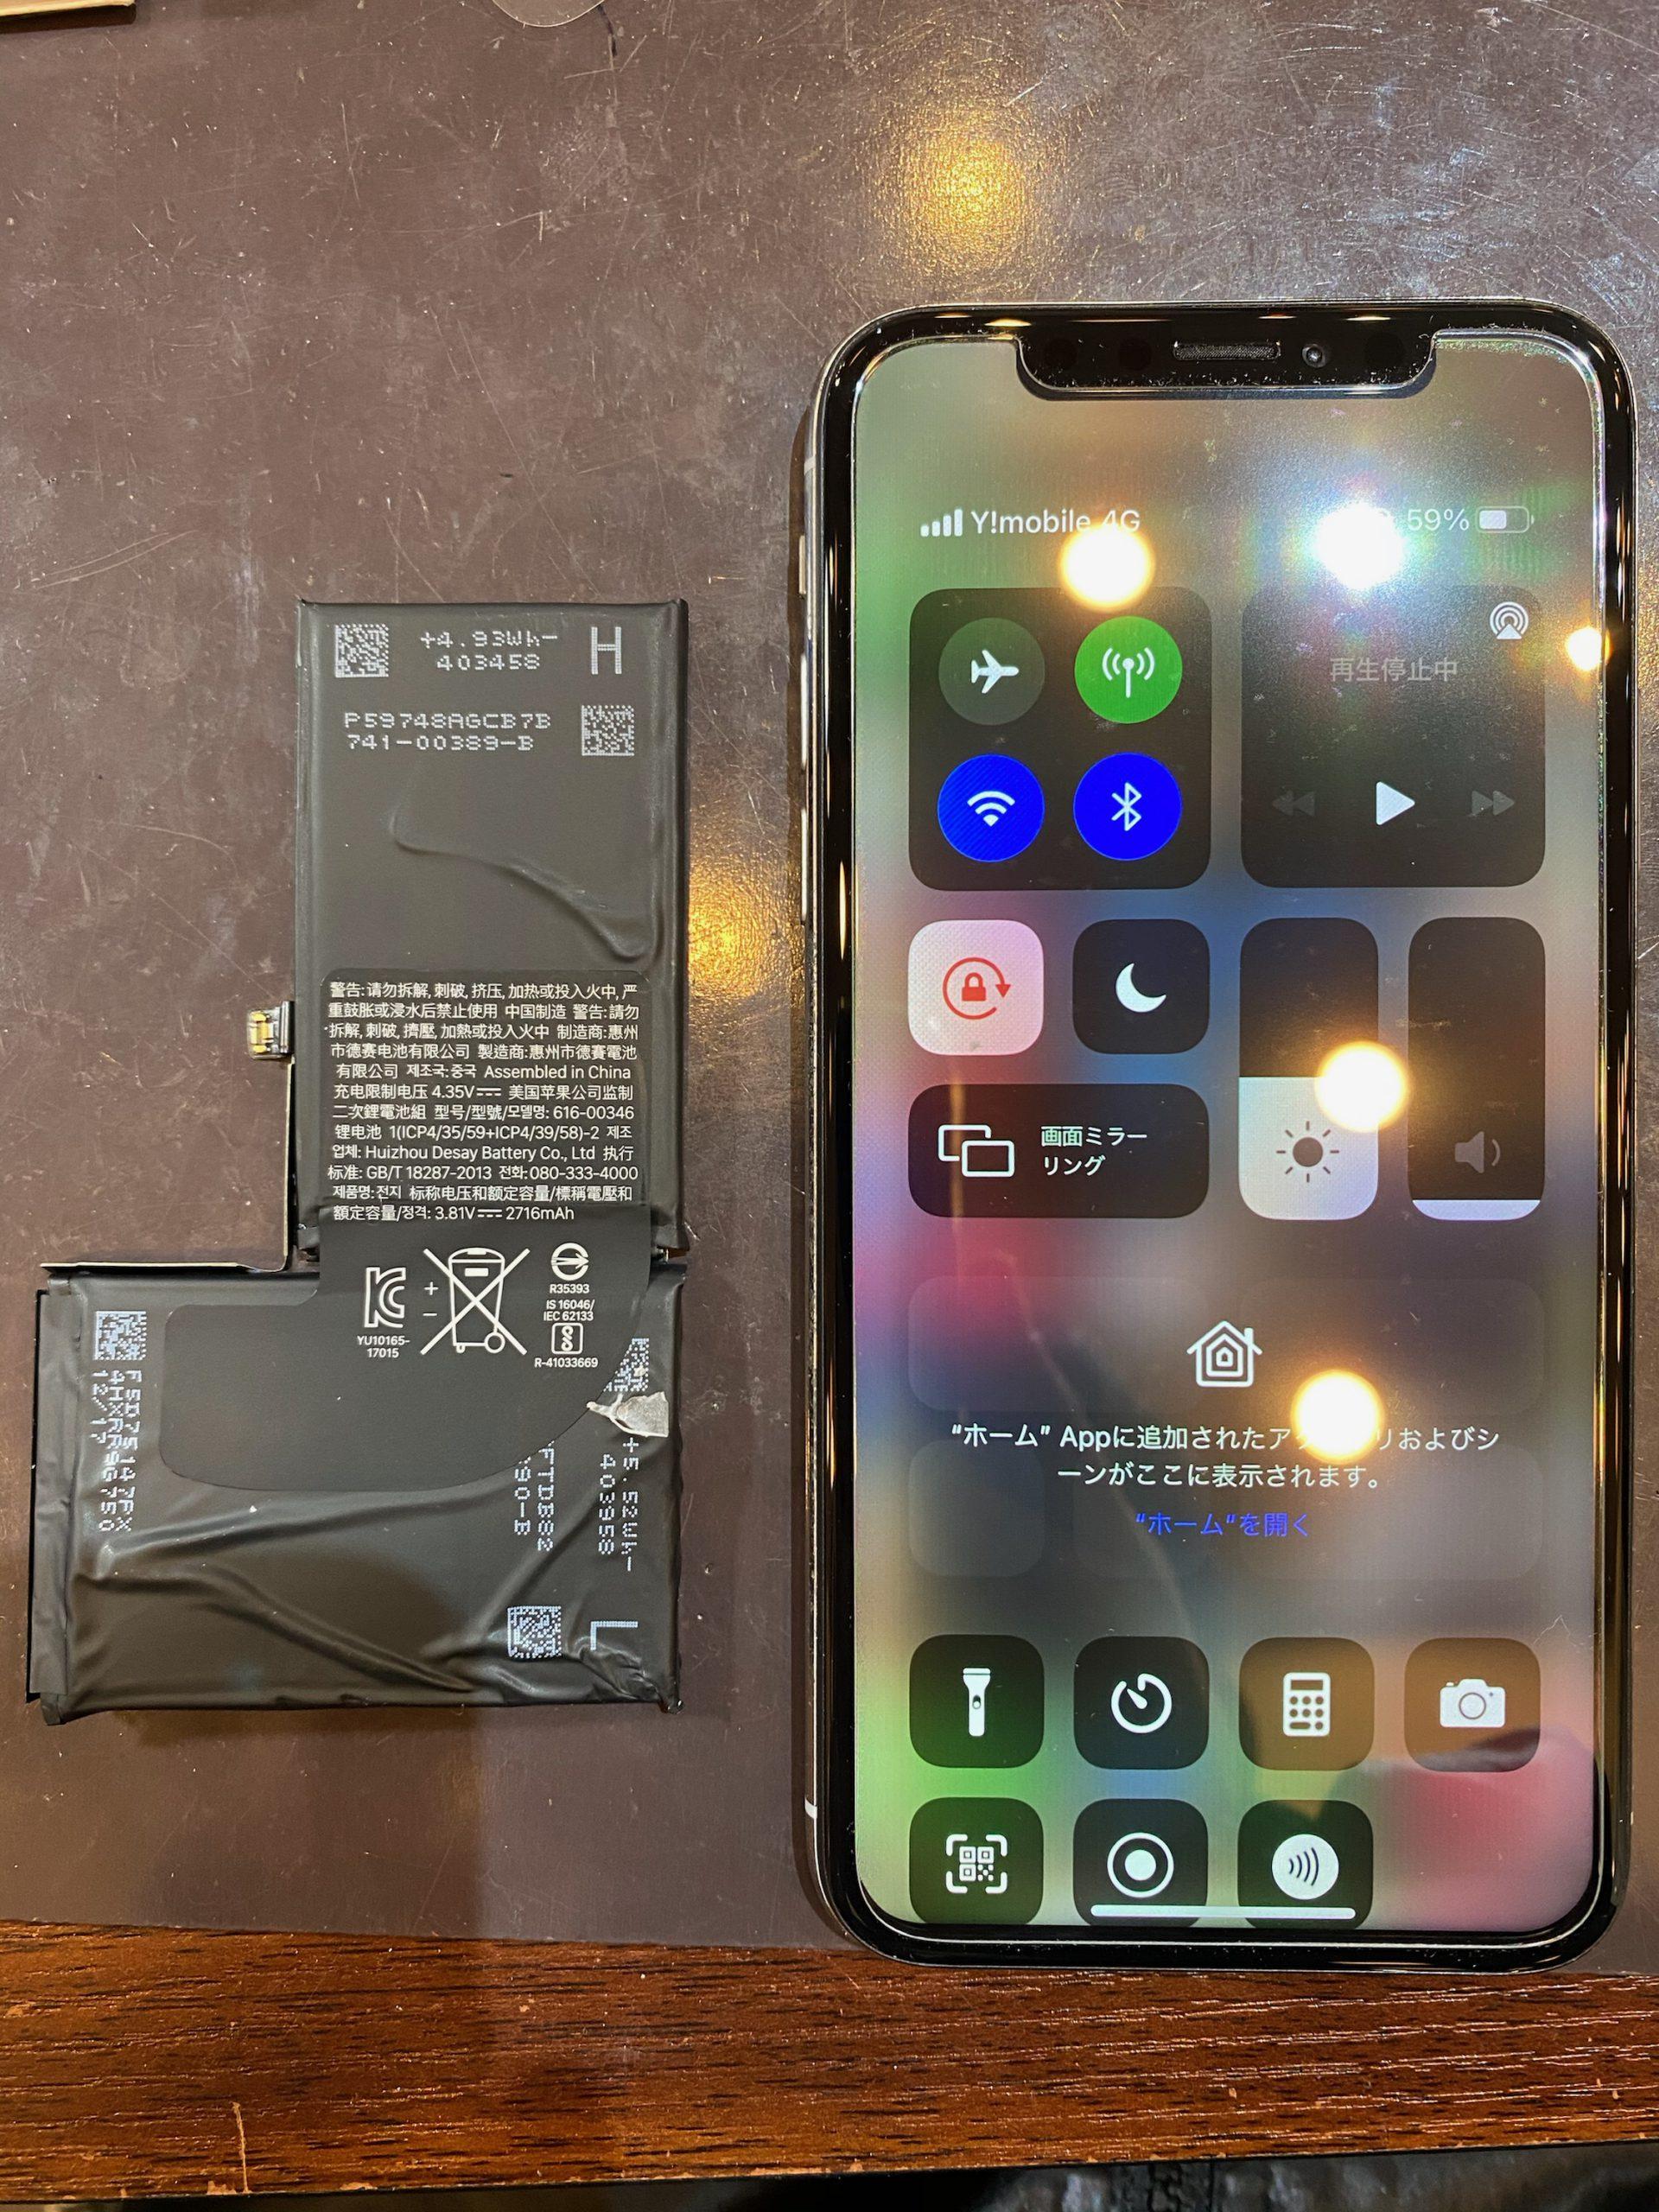 iPhoneX バッテリー交換 データそのまま即実最短30分修理 <伊丹市からお越しのお客様>ク